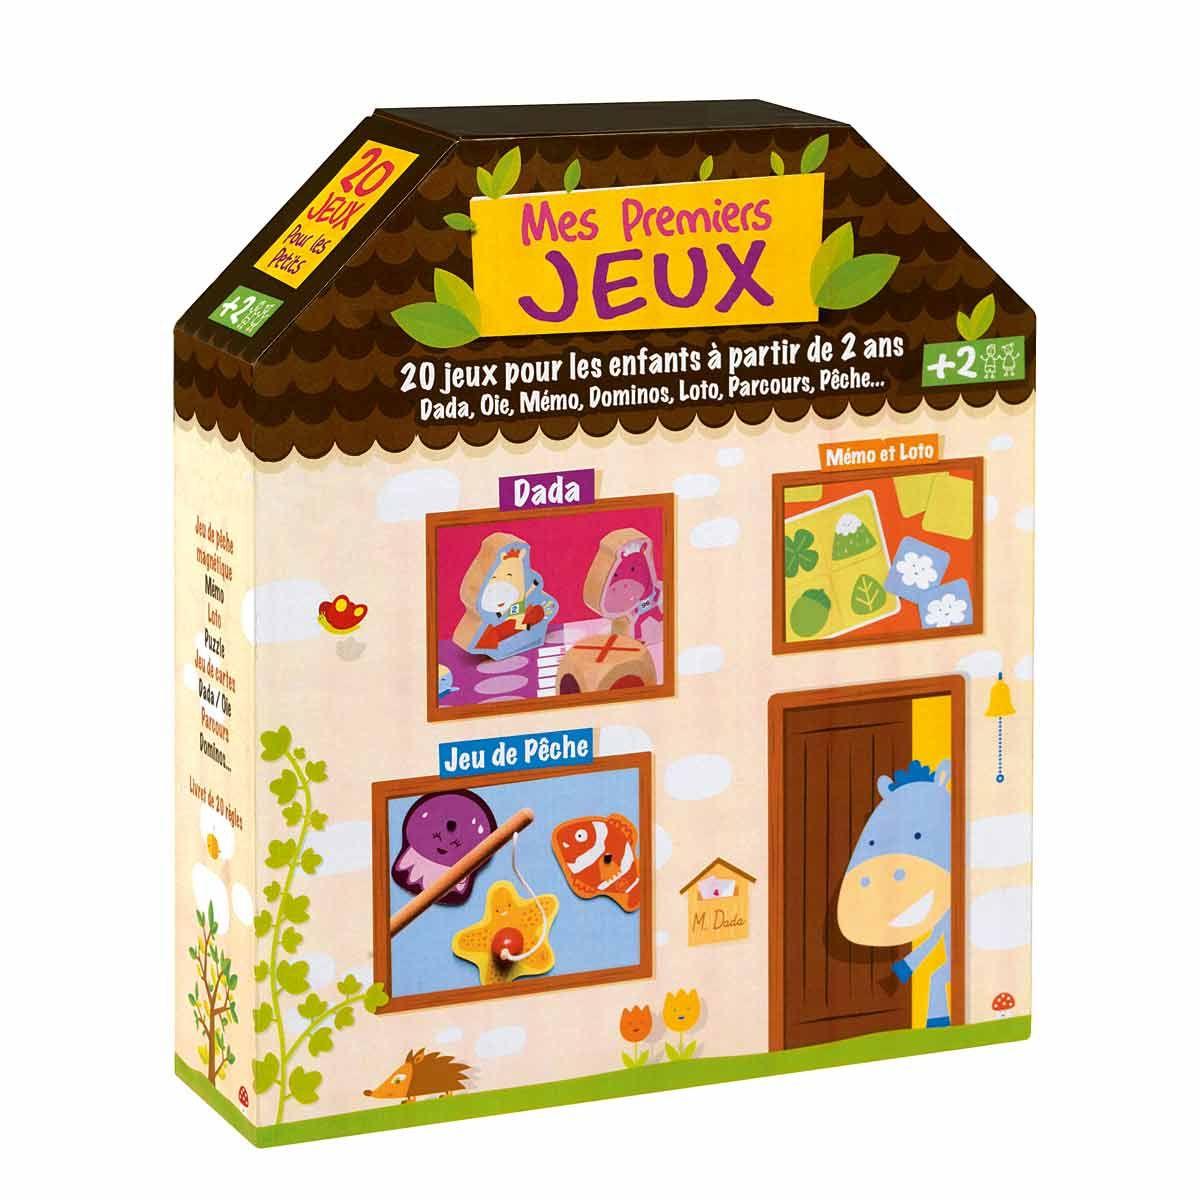 Jouets Oxybul Eveil Et Jeux - Coffret Mes Premiers Jeux Pour concernant Jeux Pour Enfant 6 Ans